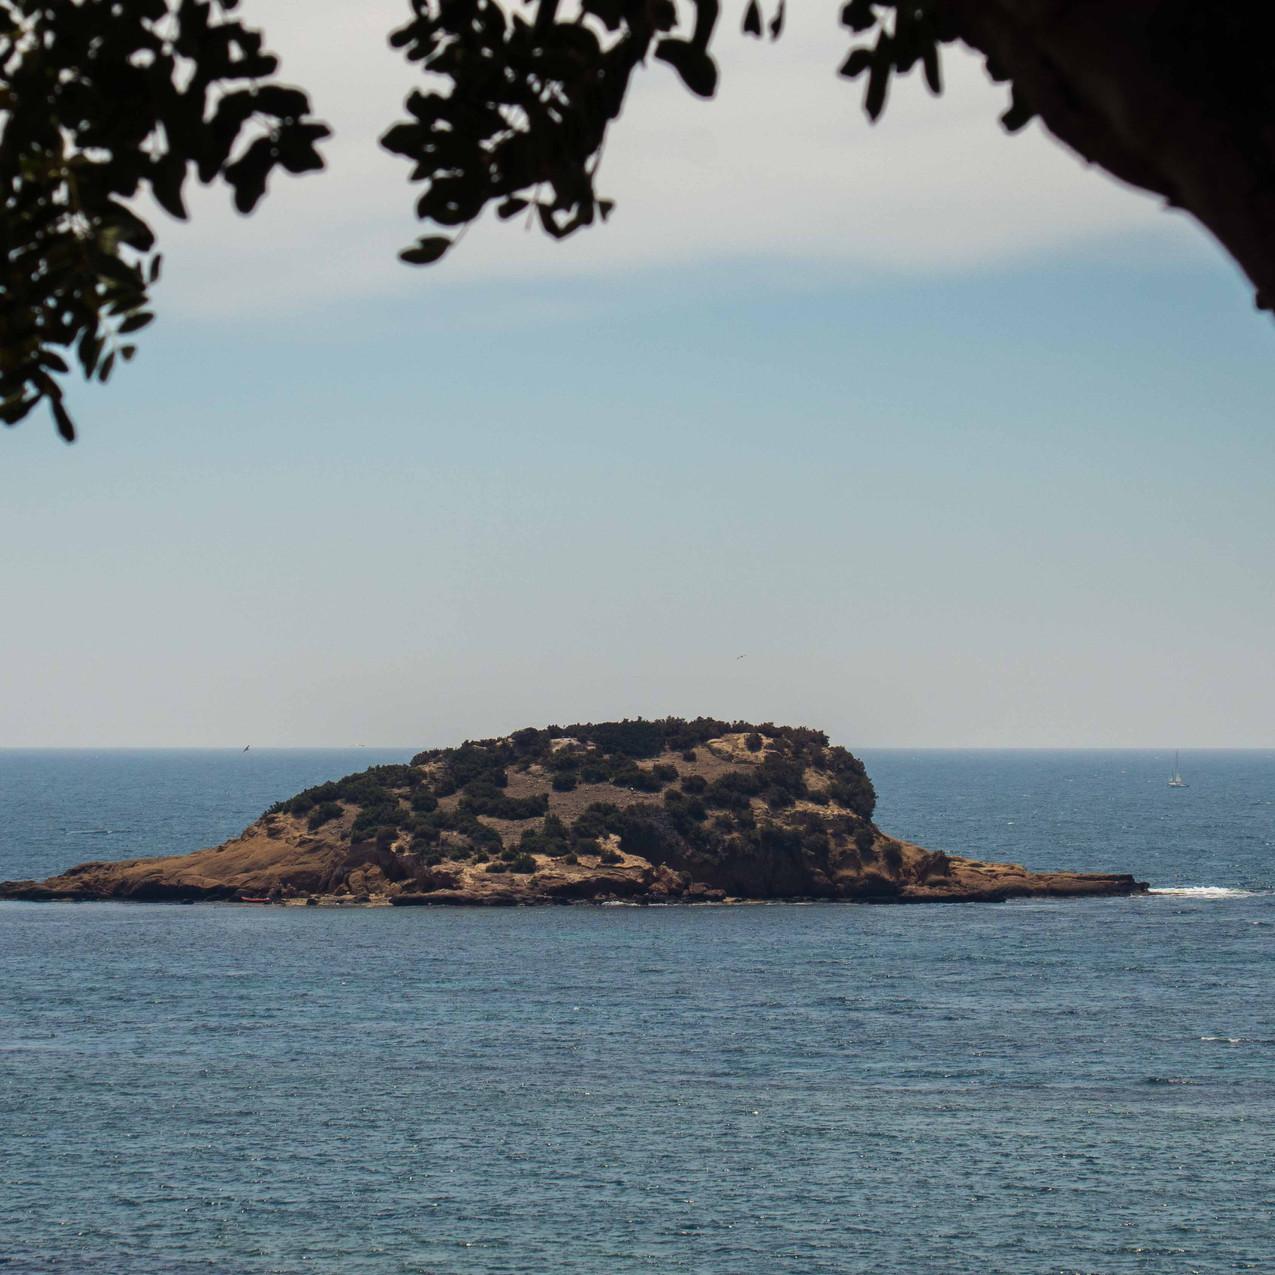 La isla en Altea